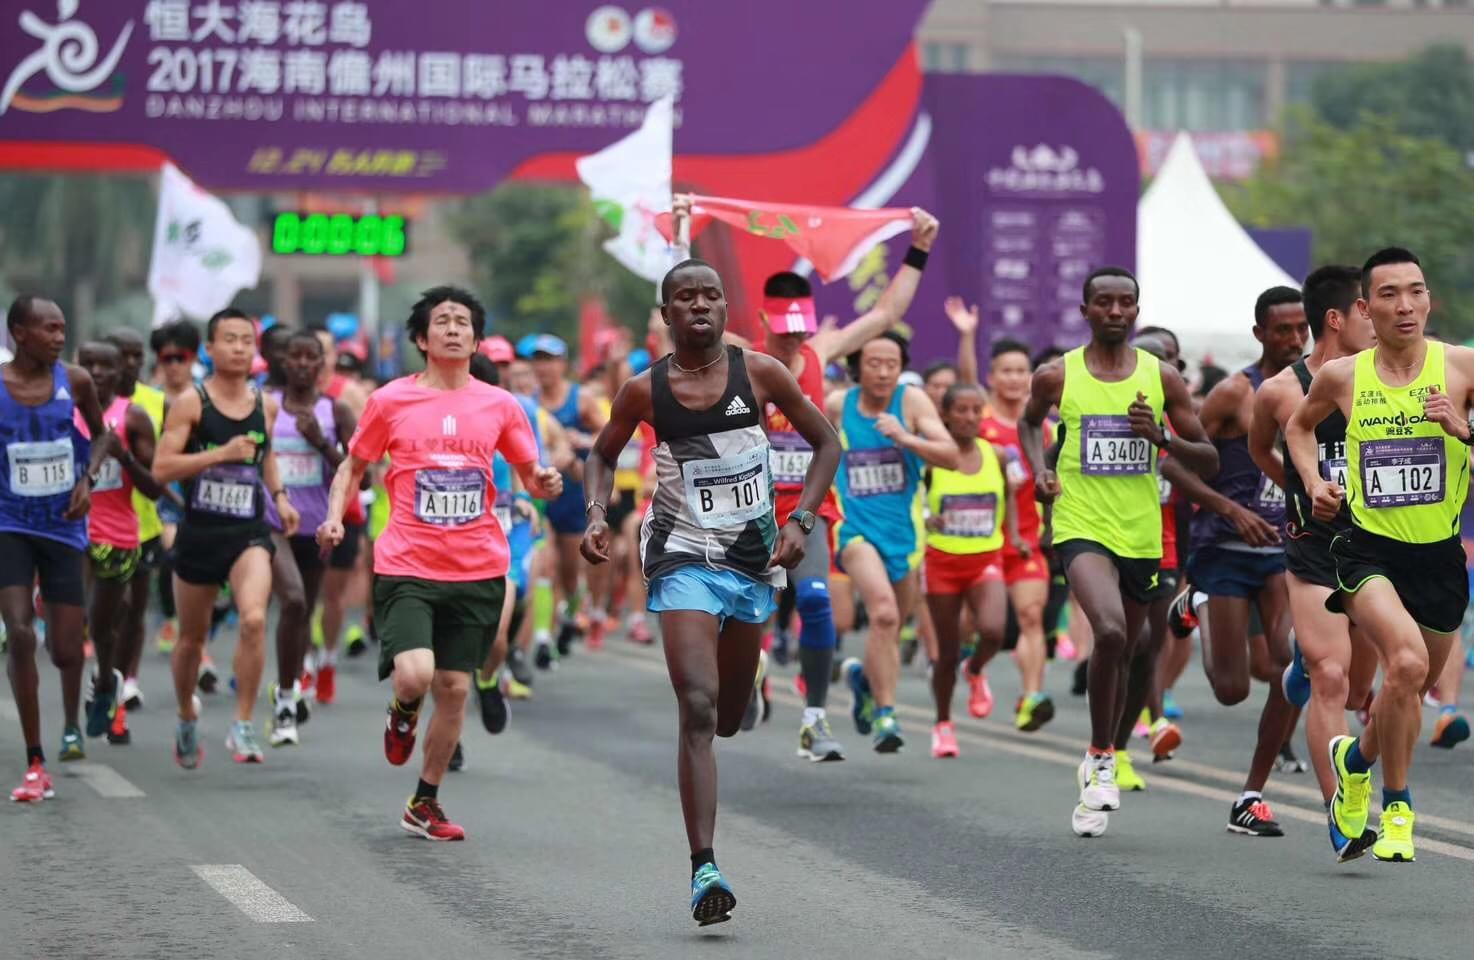 2017海南儋州国际马拉松赛 12月24日鸣枪起跑